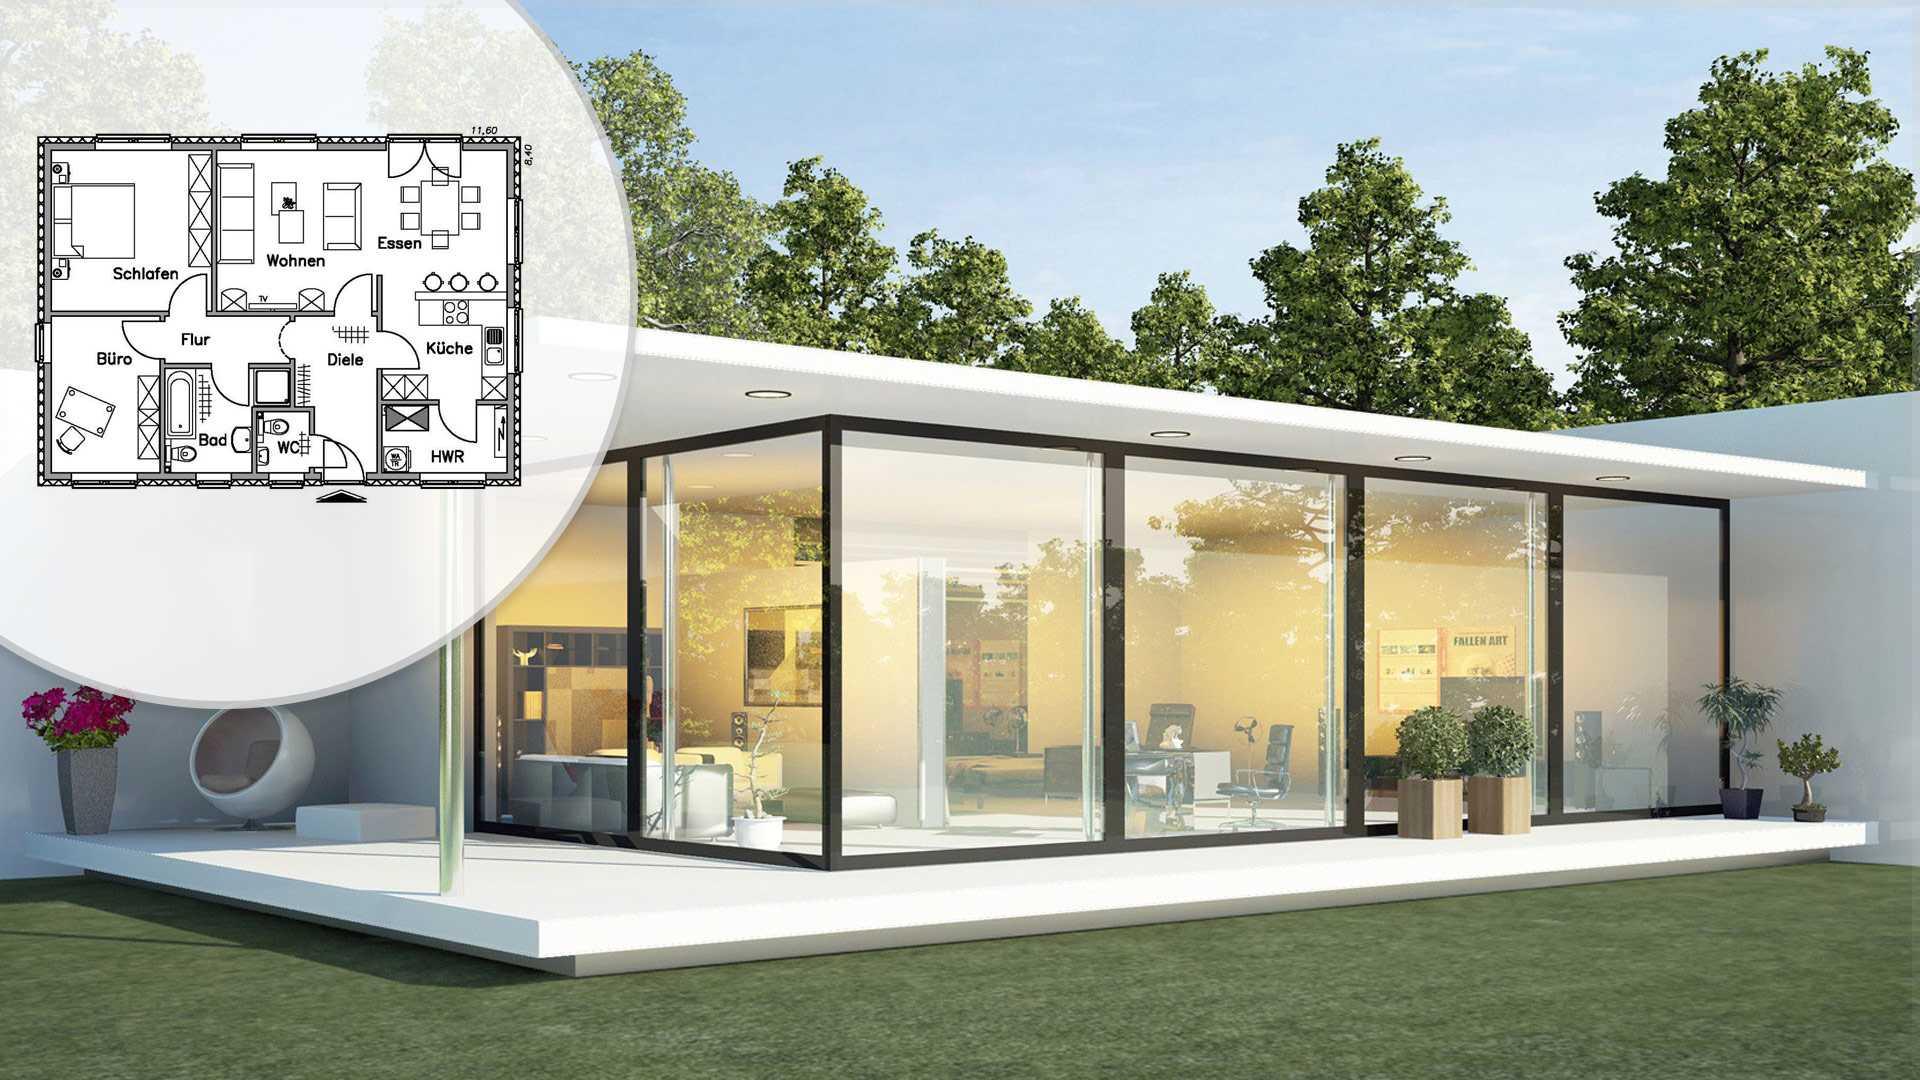 ᐅ Singlehaus Bauen: Häuser, Anbieter & Preise Vergleichen